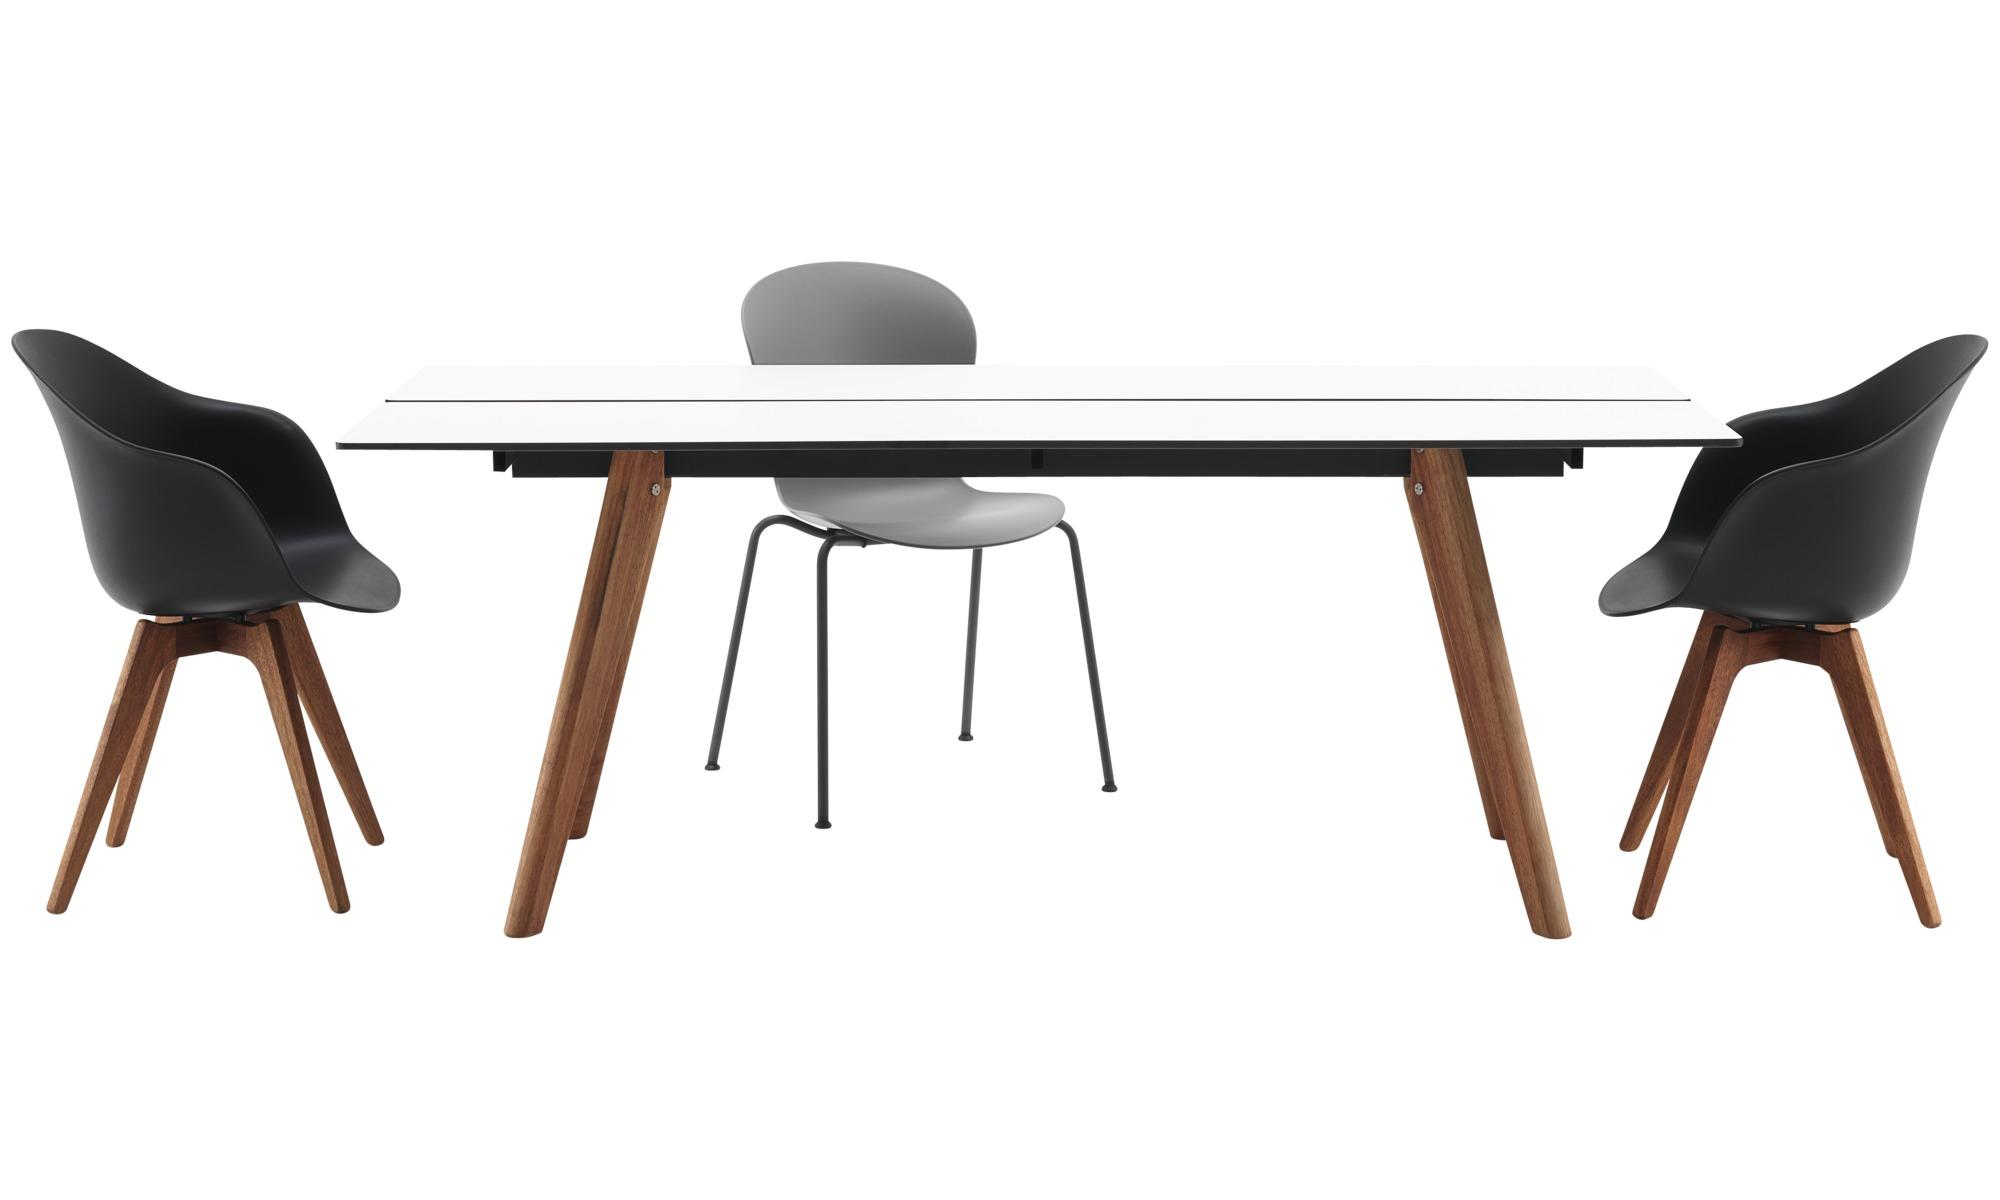 Hagebord - Adelaide bord (kan brukes inne og ute) - BoConcept